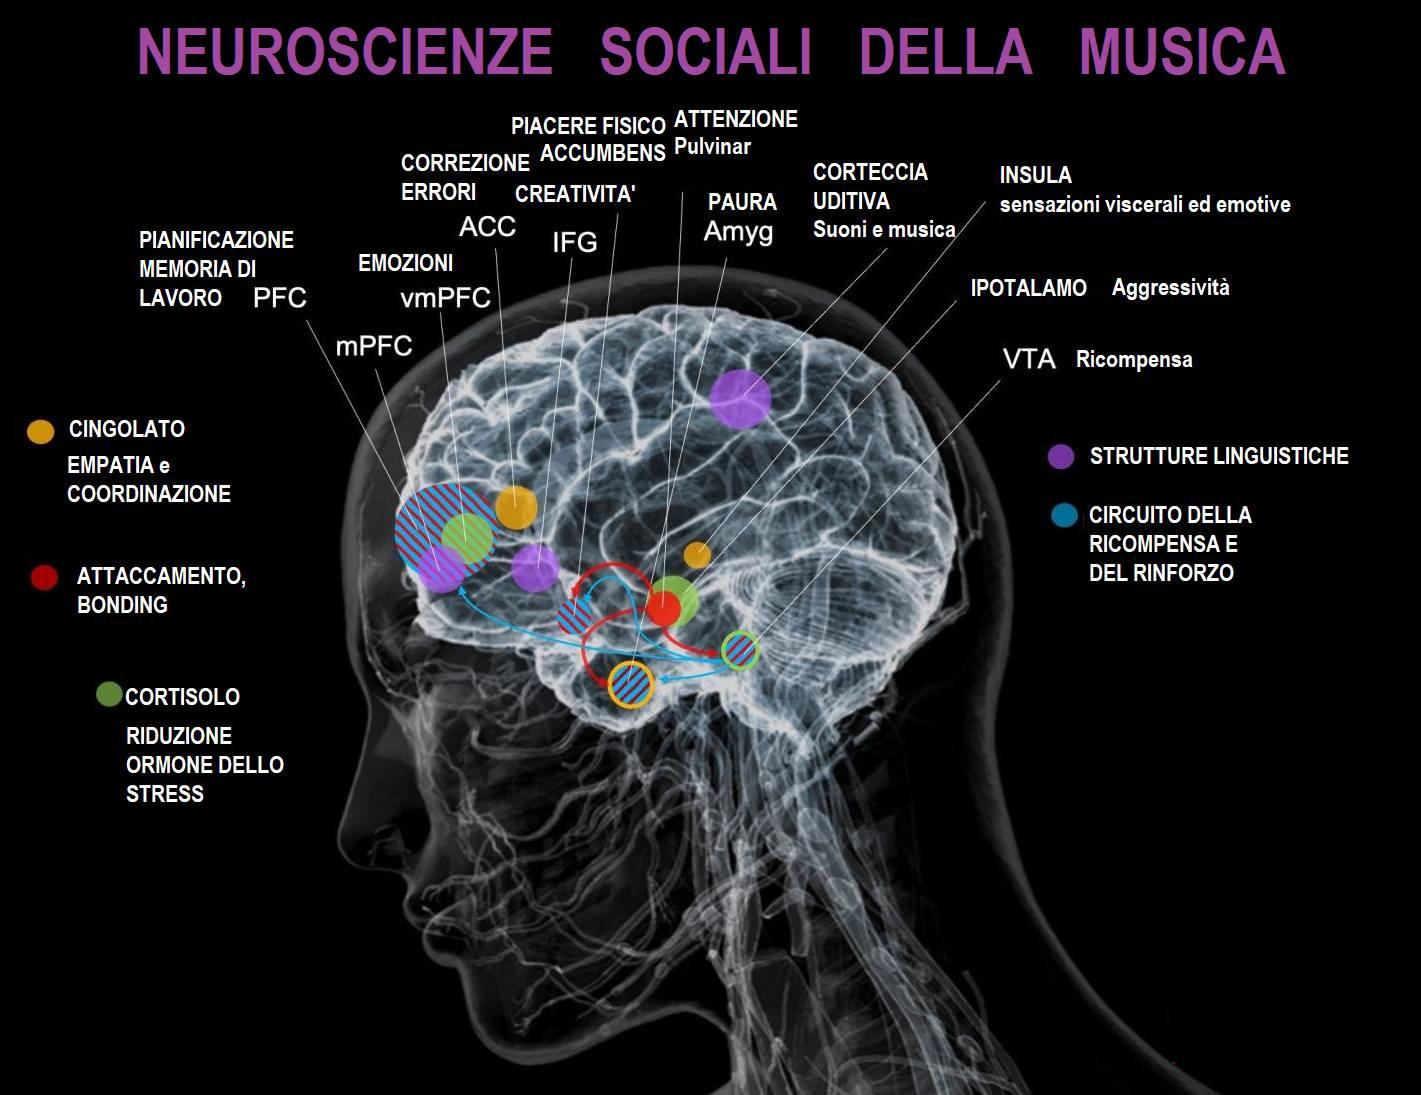 NEUROSCIENZE SOCIALI DELLA MUSICA!